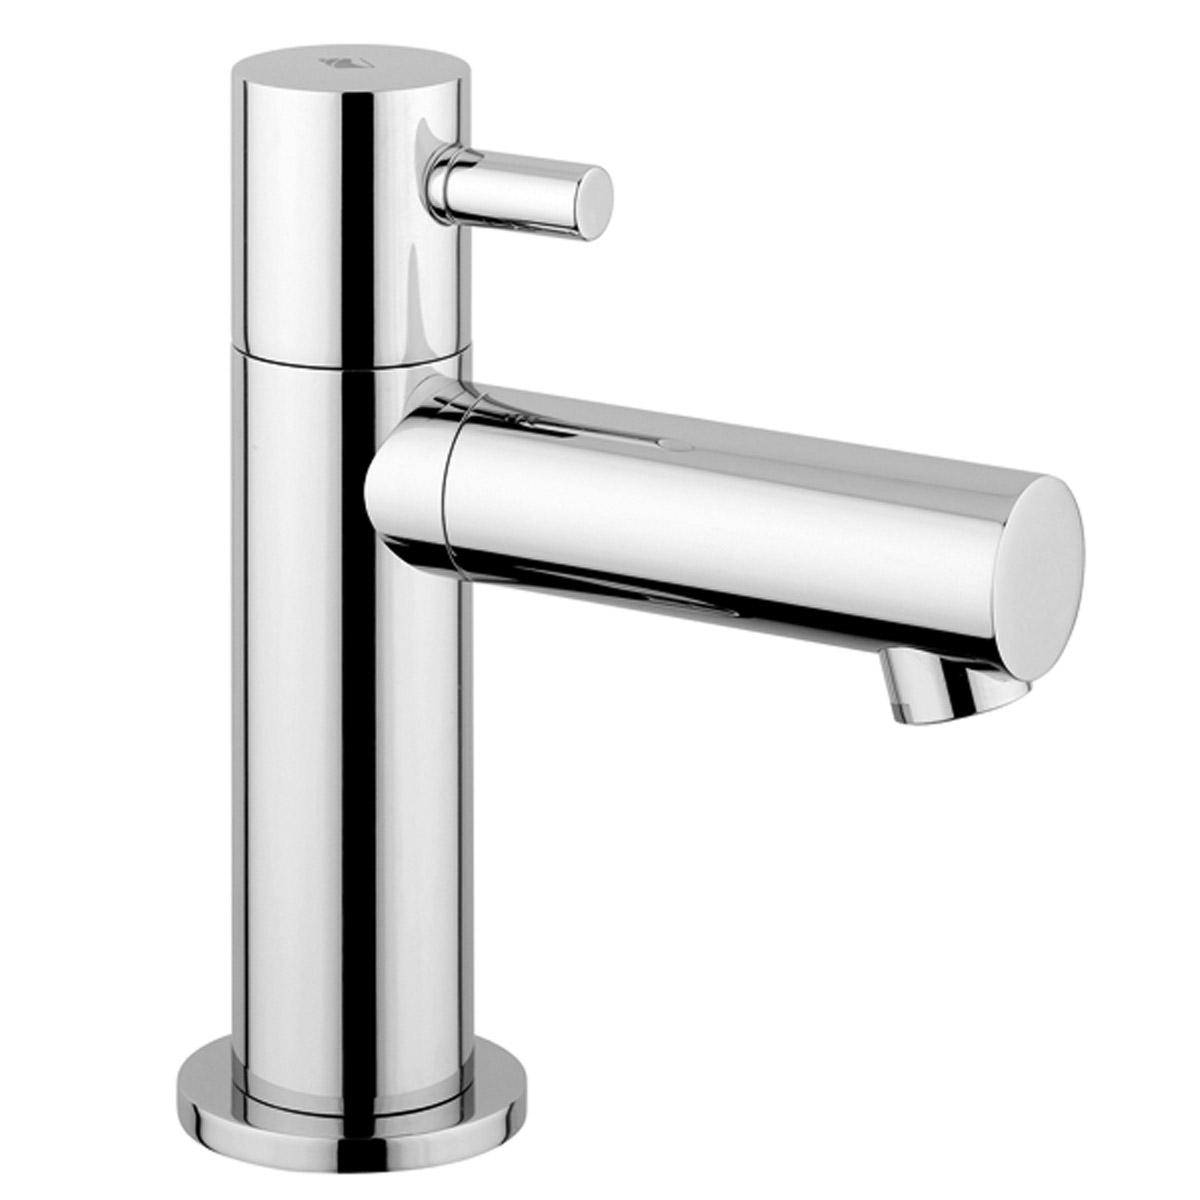 Rubinetteria lavabo bagno modelli di rubinetteria bagno - Rubinetteria lavabo bagno ...